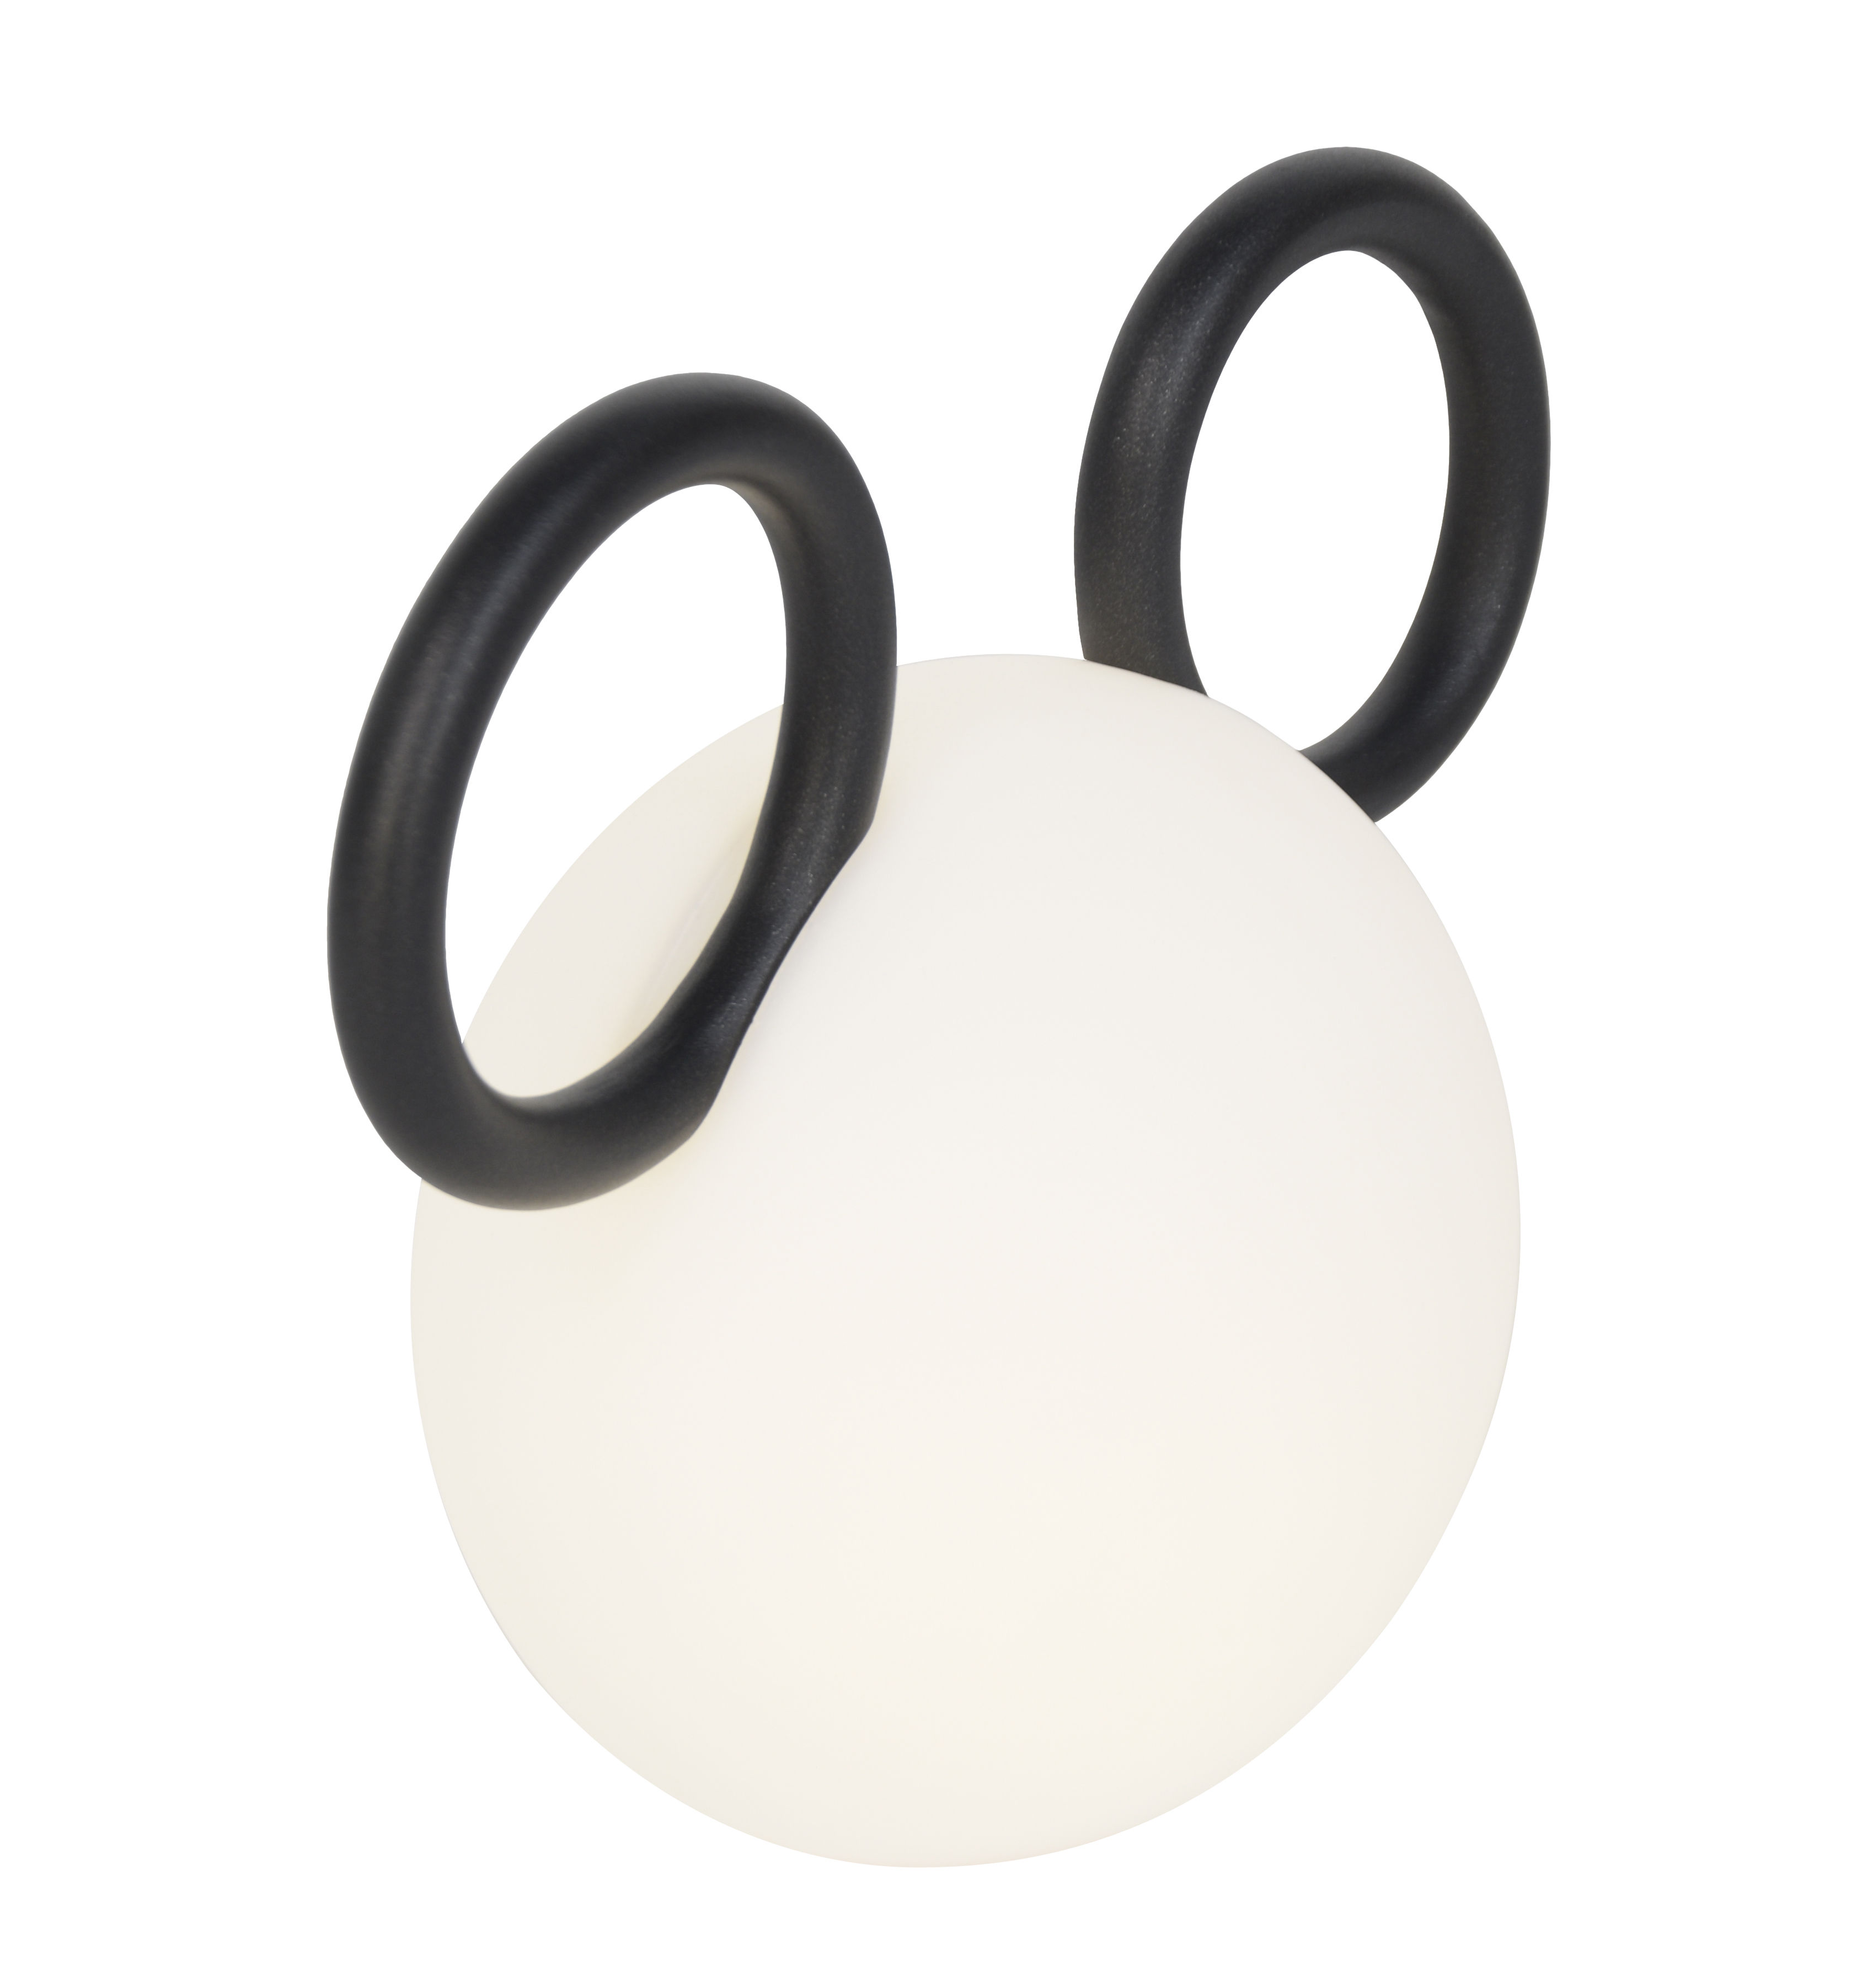 Lampe Sans Fil Mickey Fermob Reglisse L 30 3 X H 26 7 X O 16 5